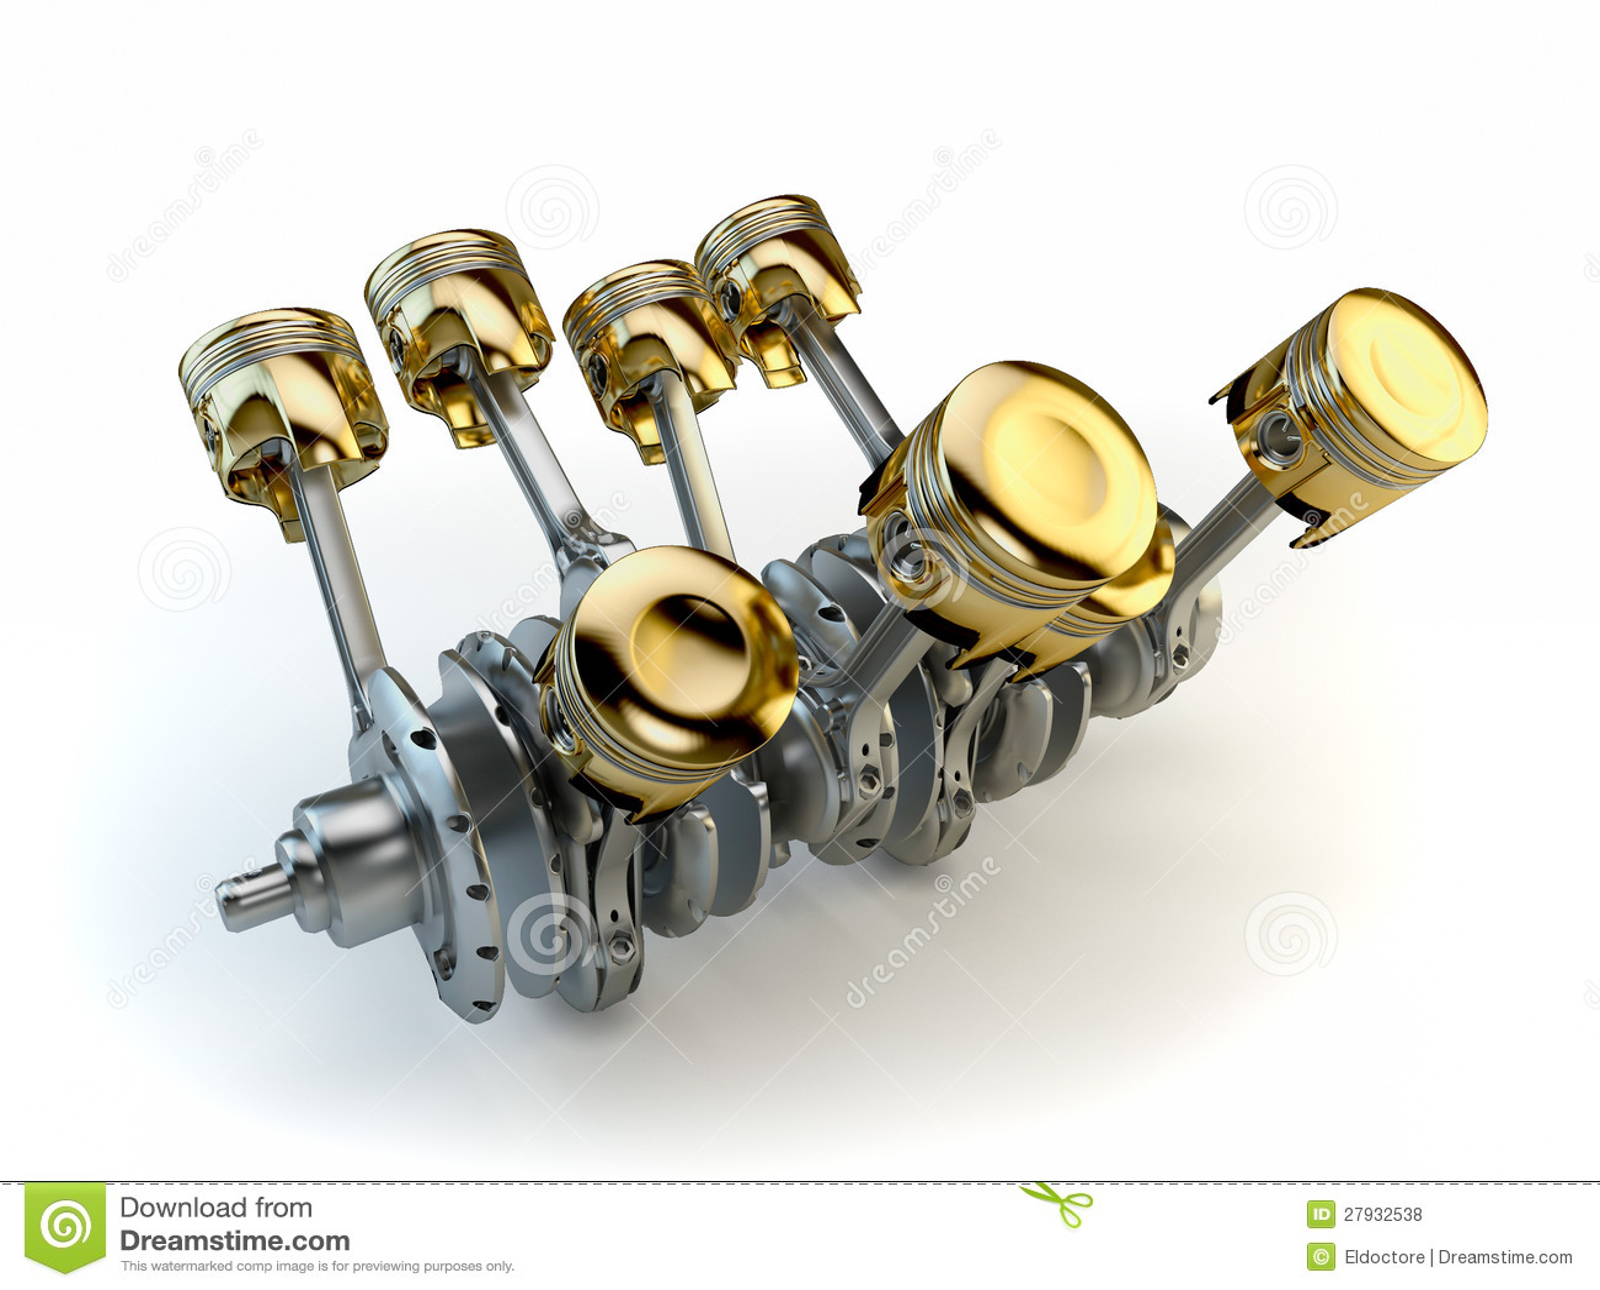 V8 Engine Tattoo V8 engine pistons stoc...